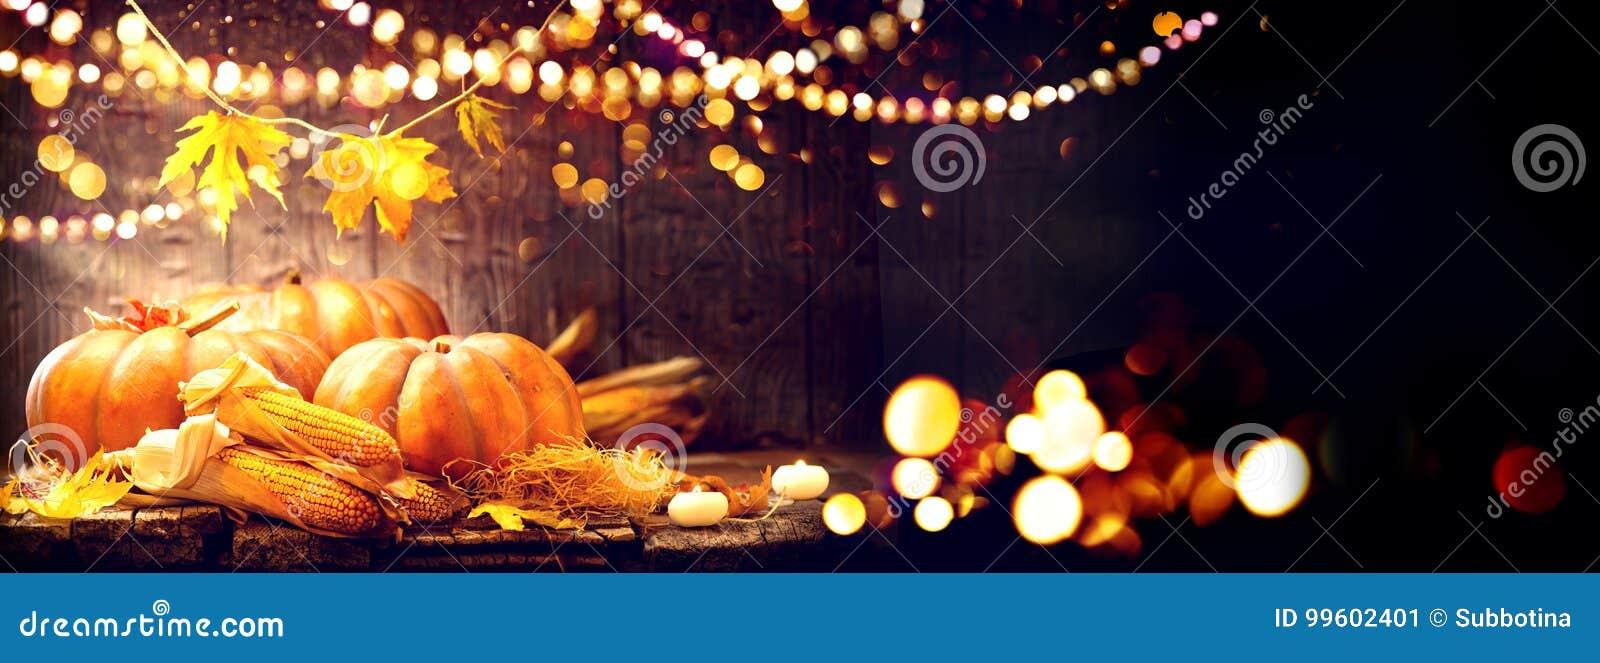 Fond de jour de thanksgiving Table en bois avec des potirons et des épis de maïs